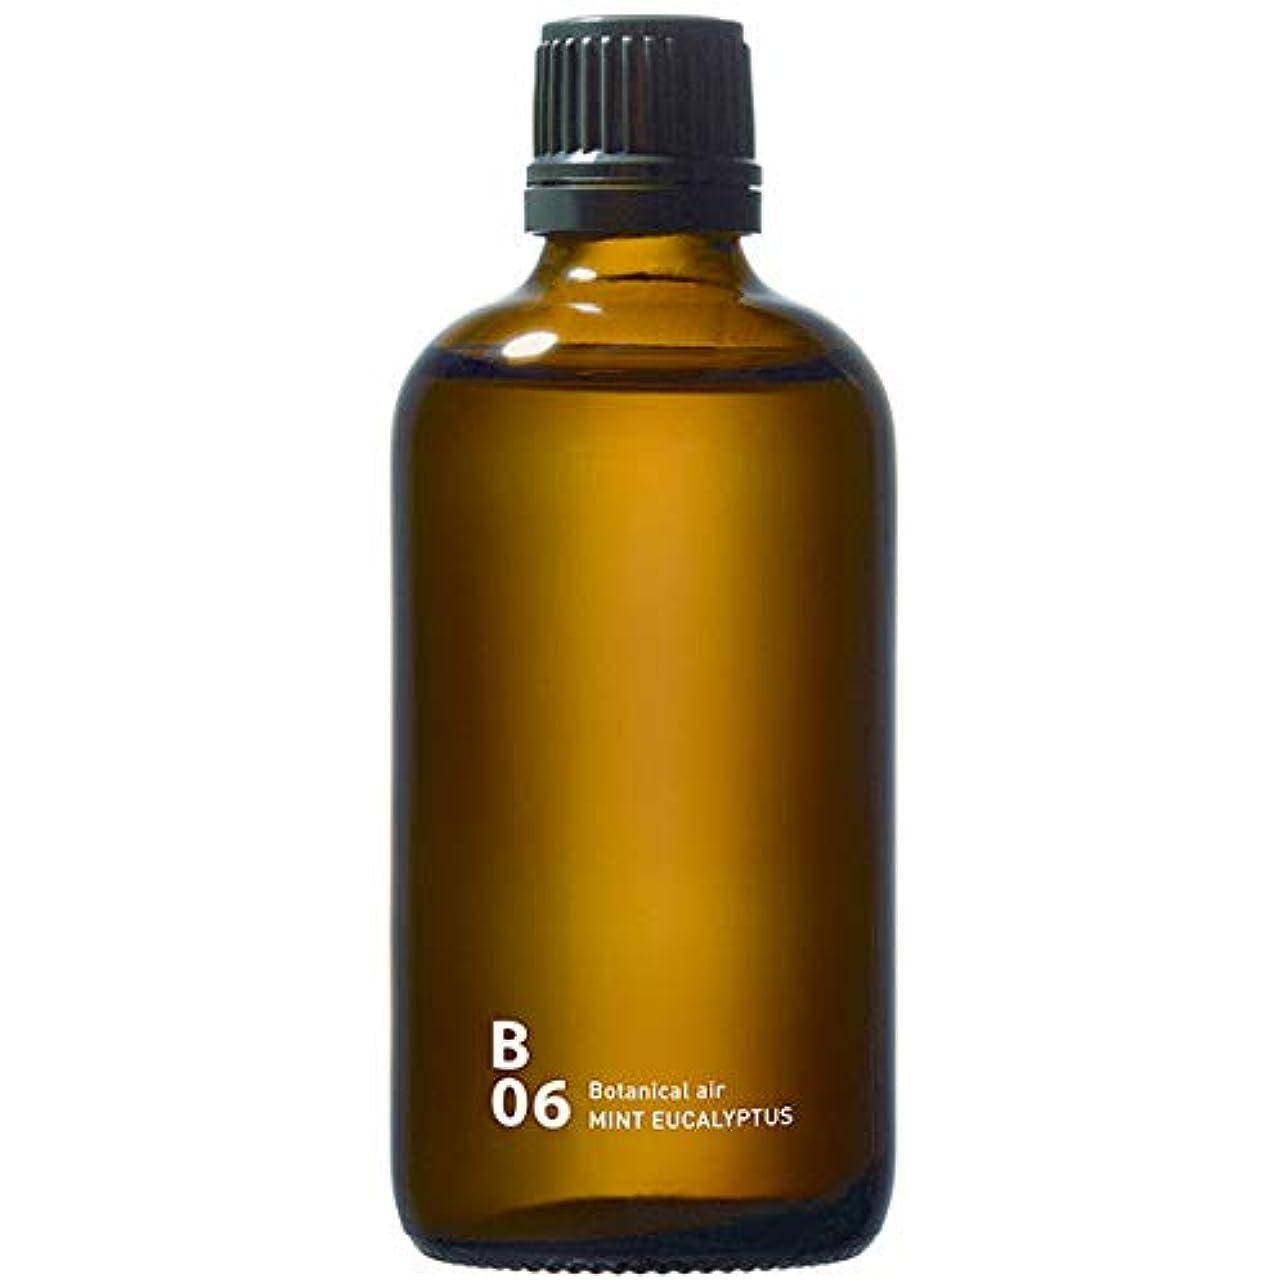 タヒチロシア一次B06 MINT EUCALYPTUS piezo aroma oil 100ml